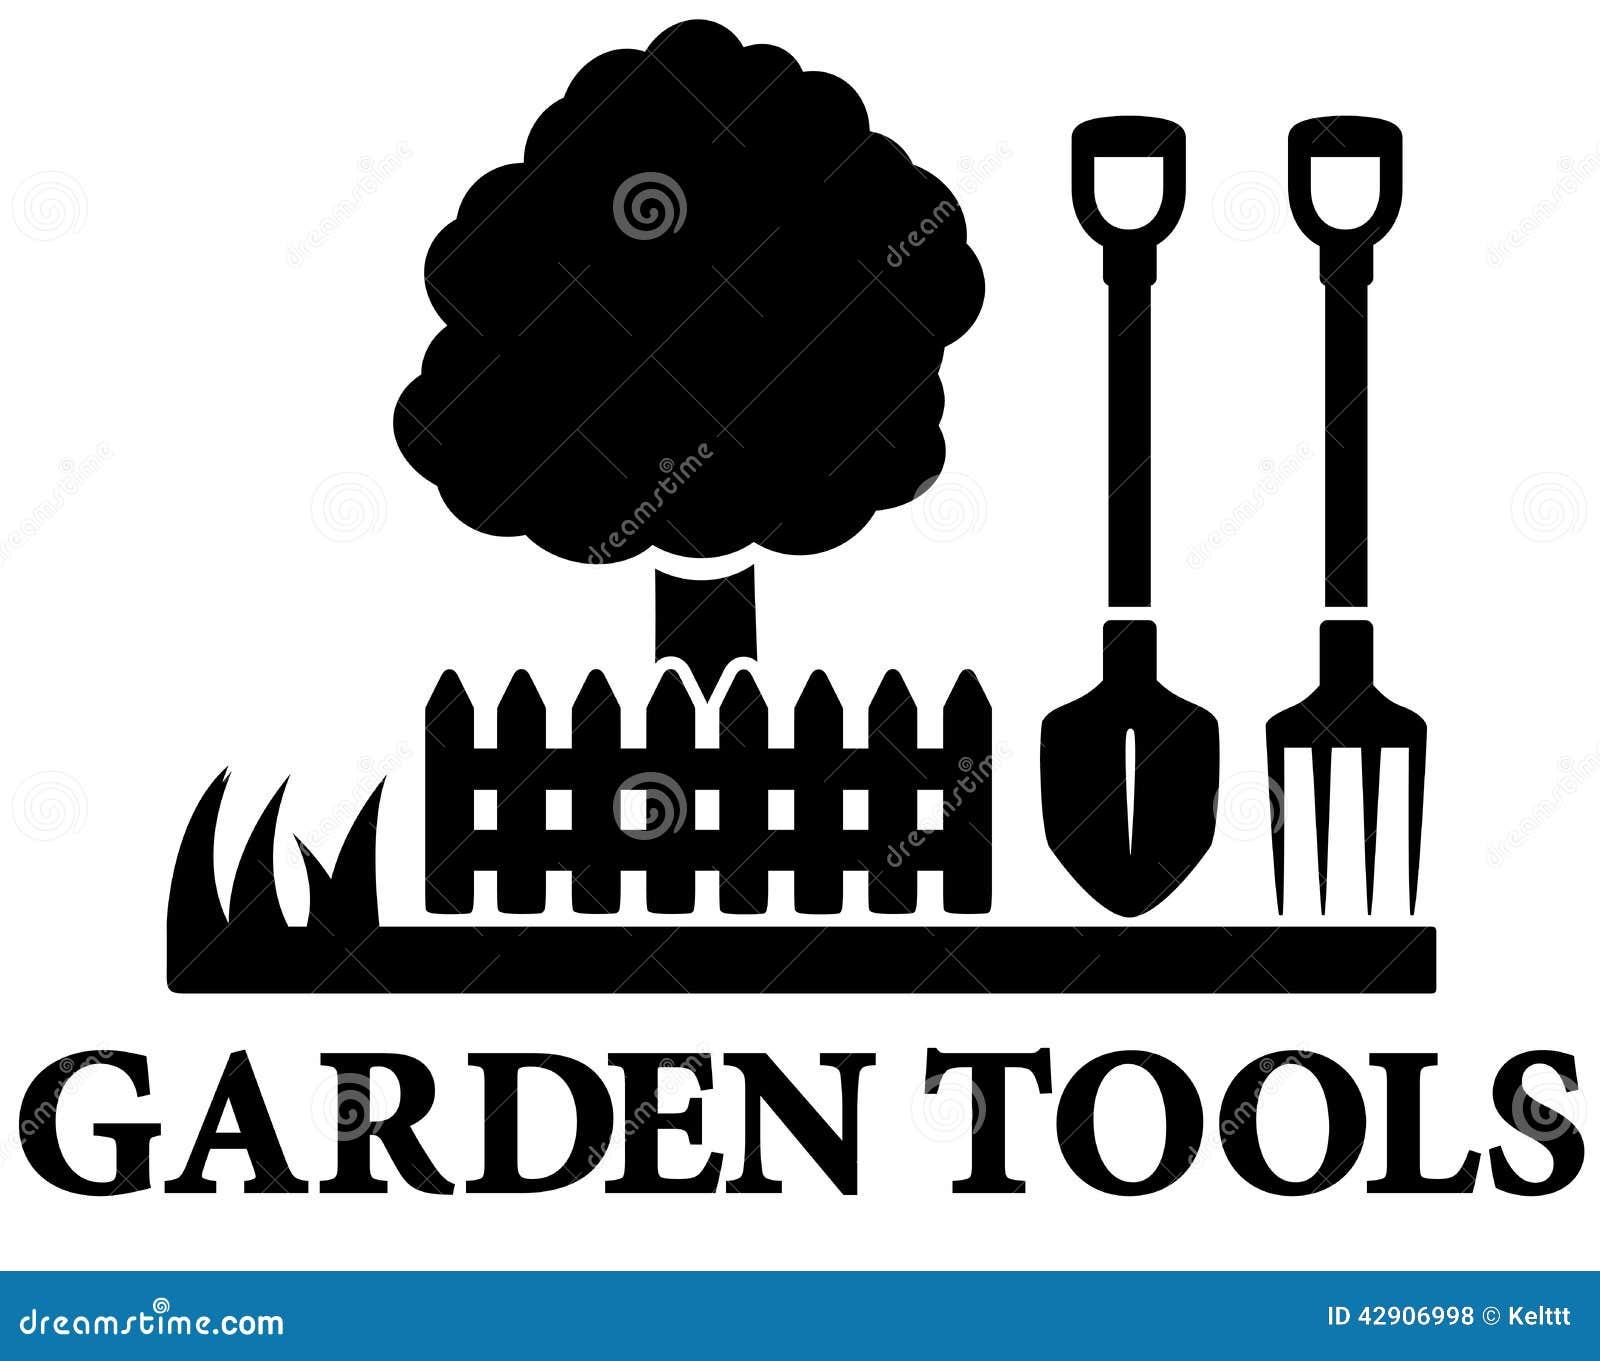 Schwarzer Garten Der Ikone Landschaftlich Gestaltet Vektor